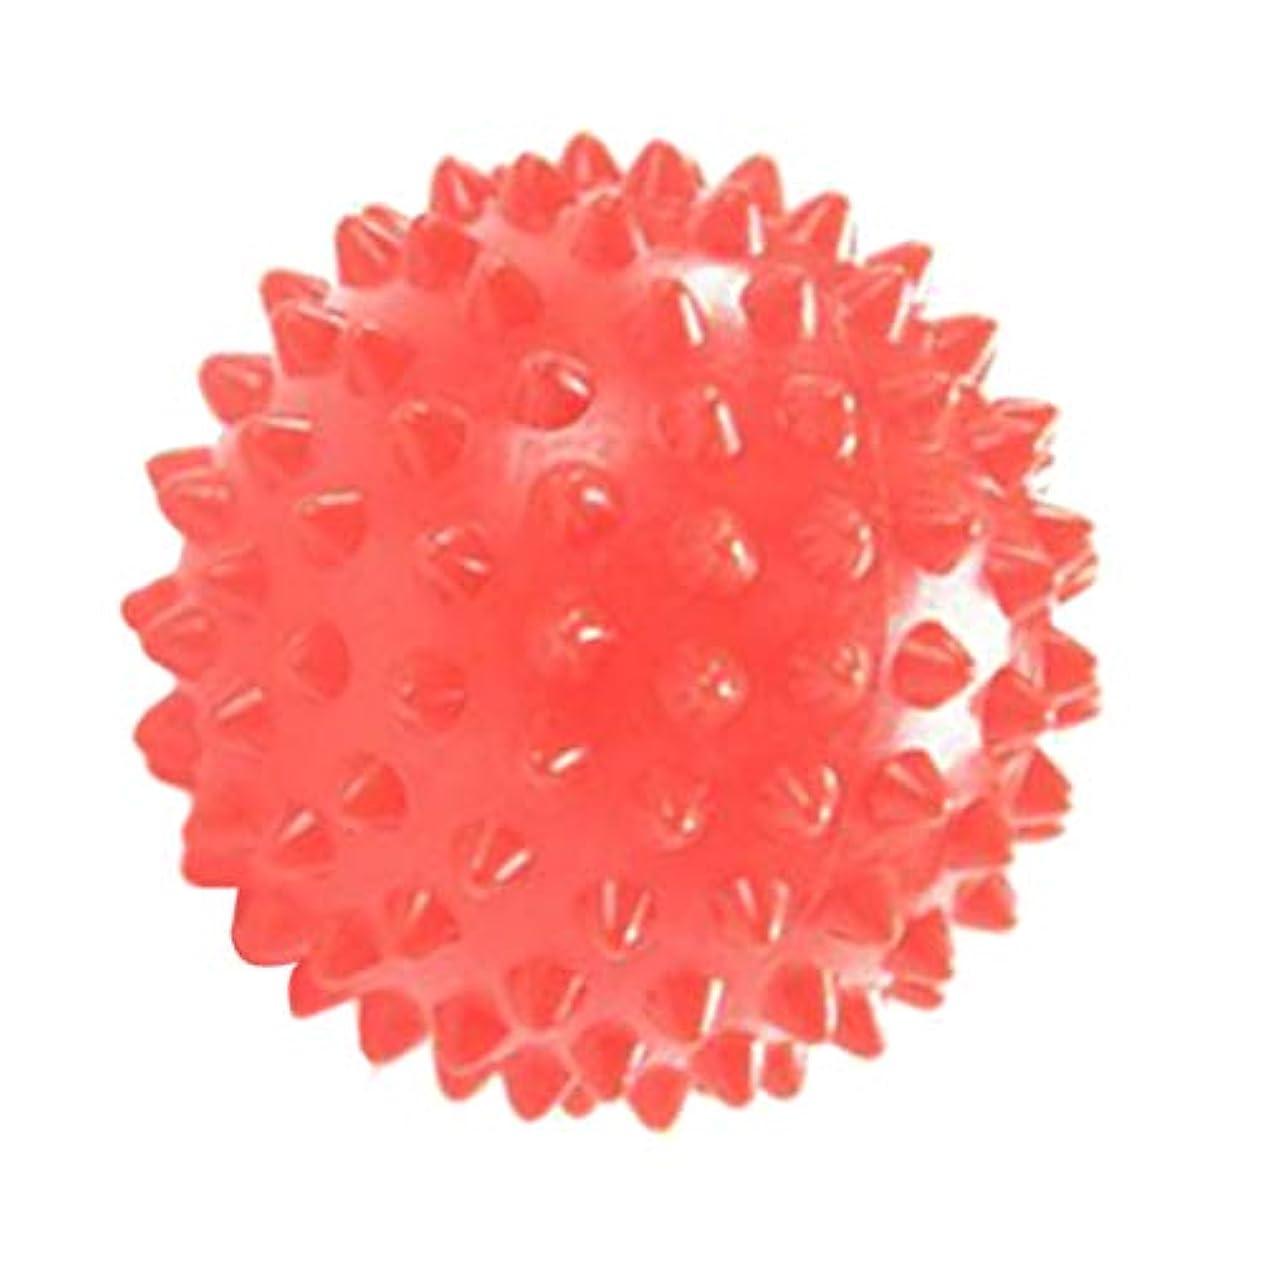 発掘するネブエキスchiwanji 指圧ボール 触覚ボール マッサージローラー ローラーボール 軽量 持ち運び便利 補助ツール